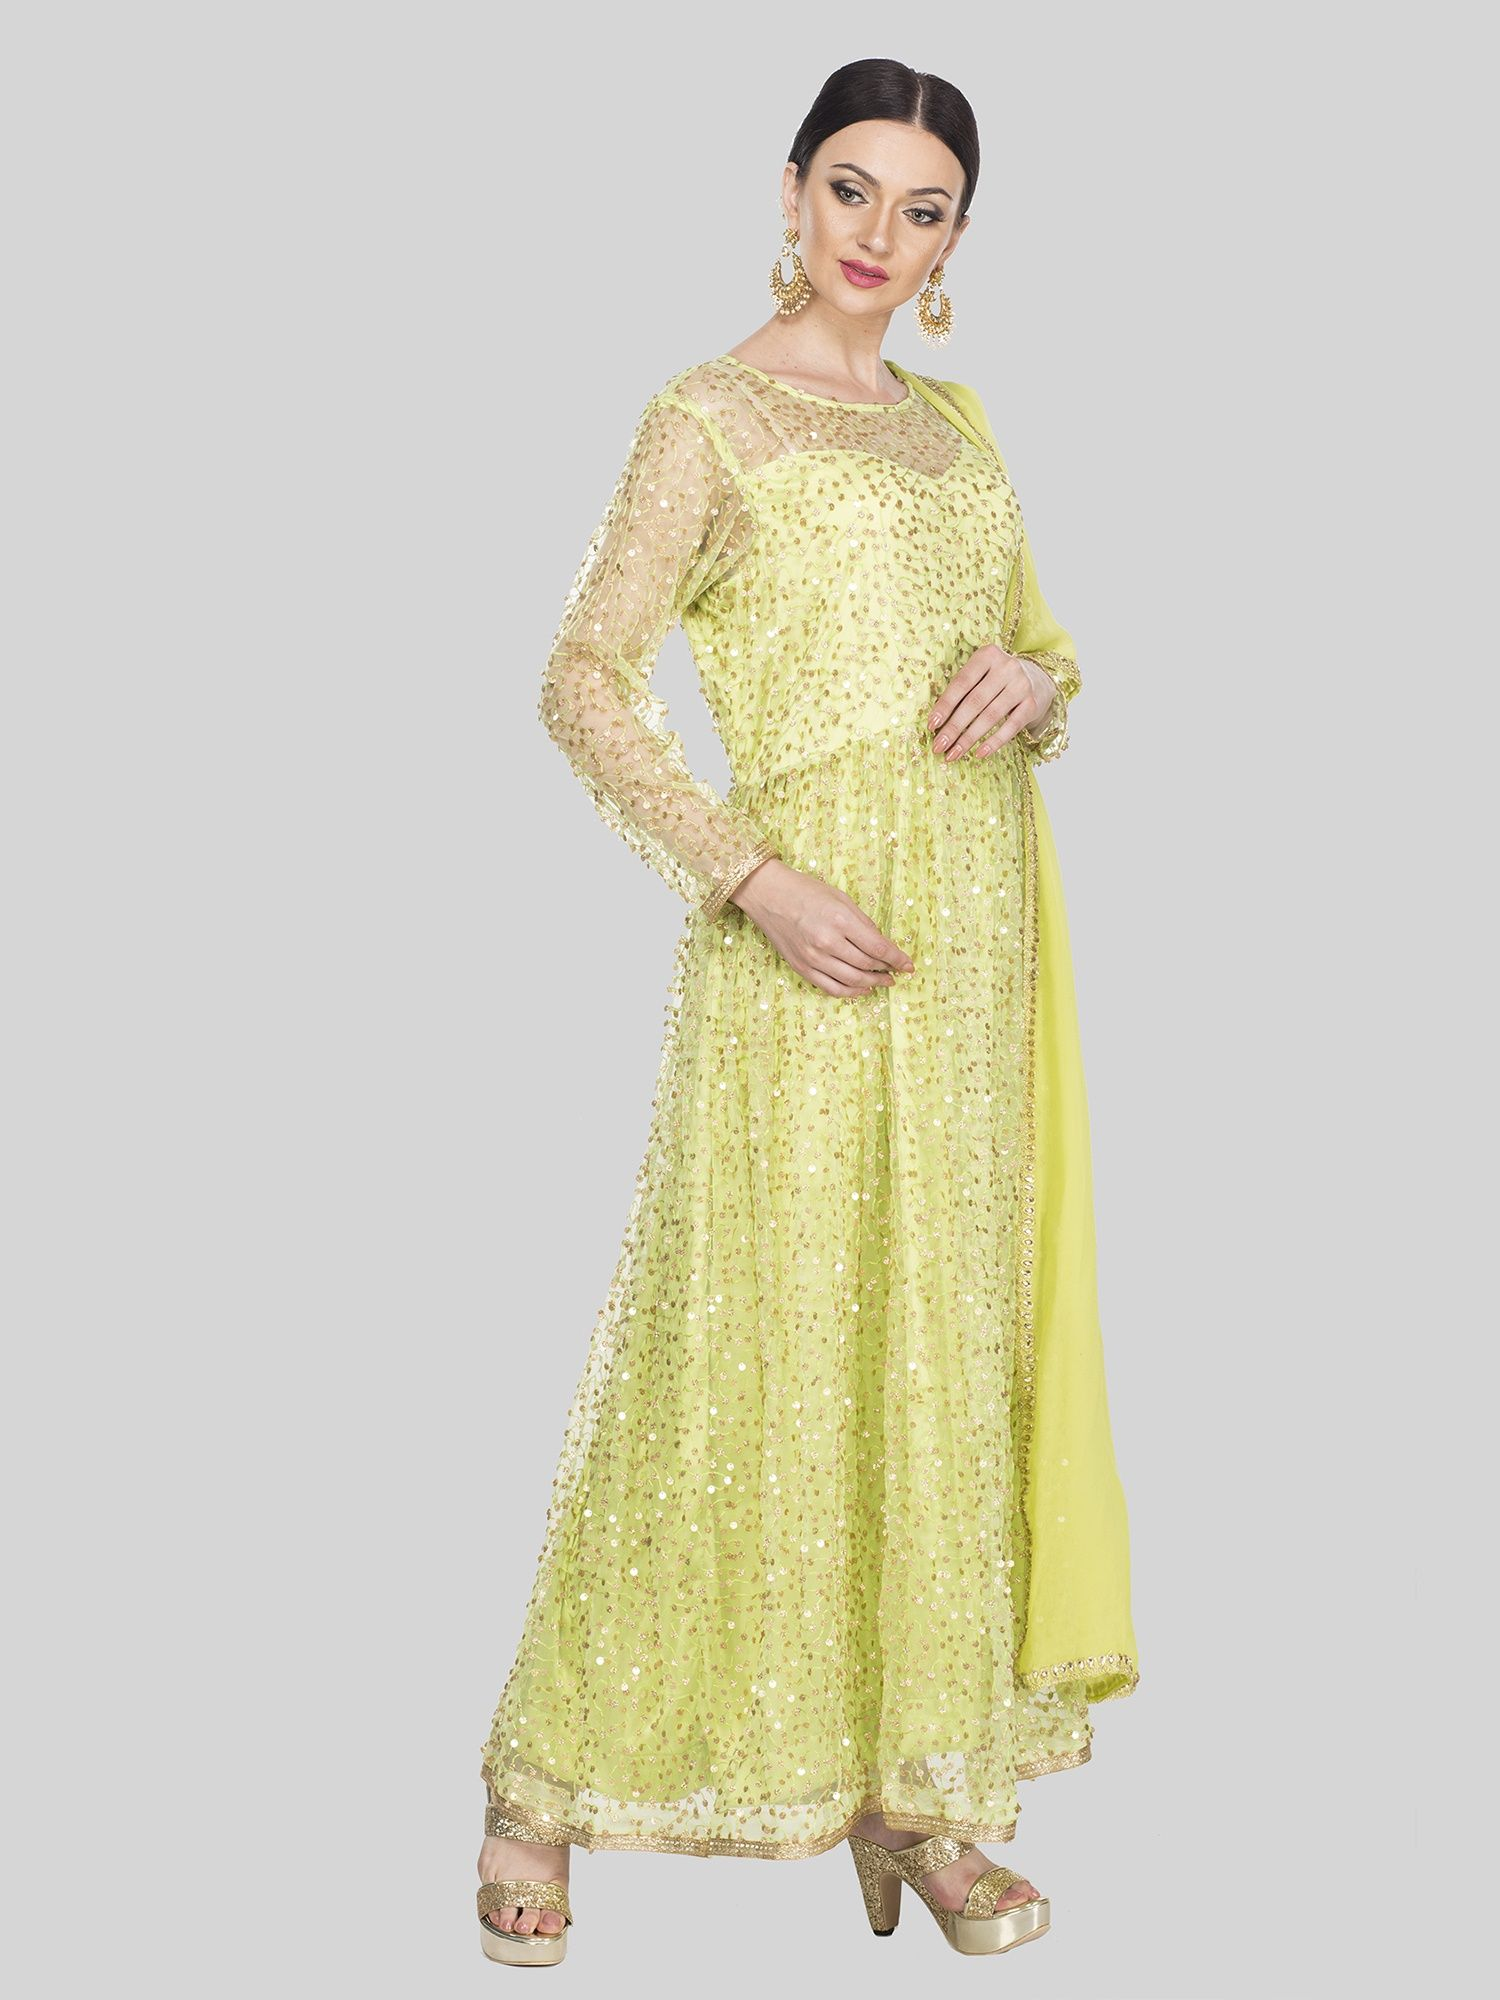 42ffb7c72 Golden Sequin Skirt Online India – DACC